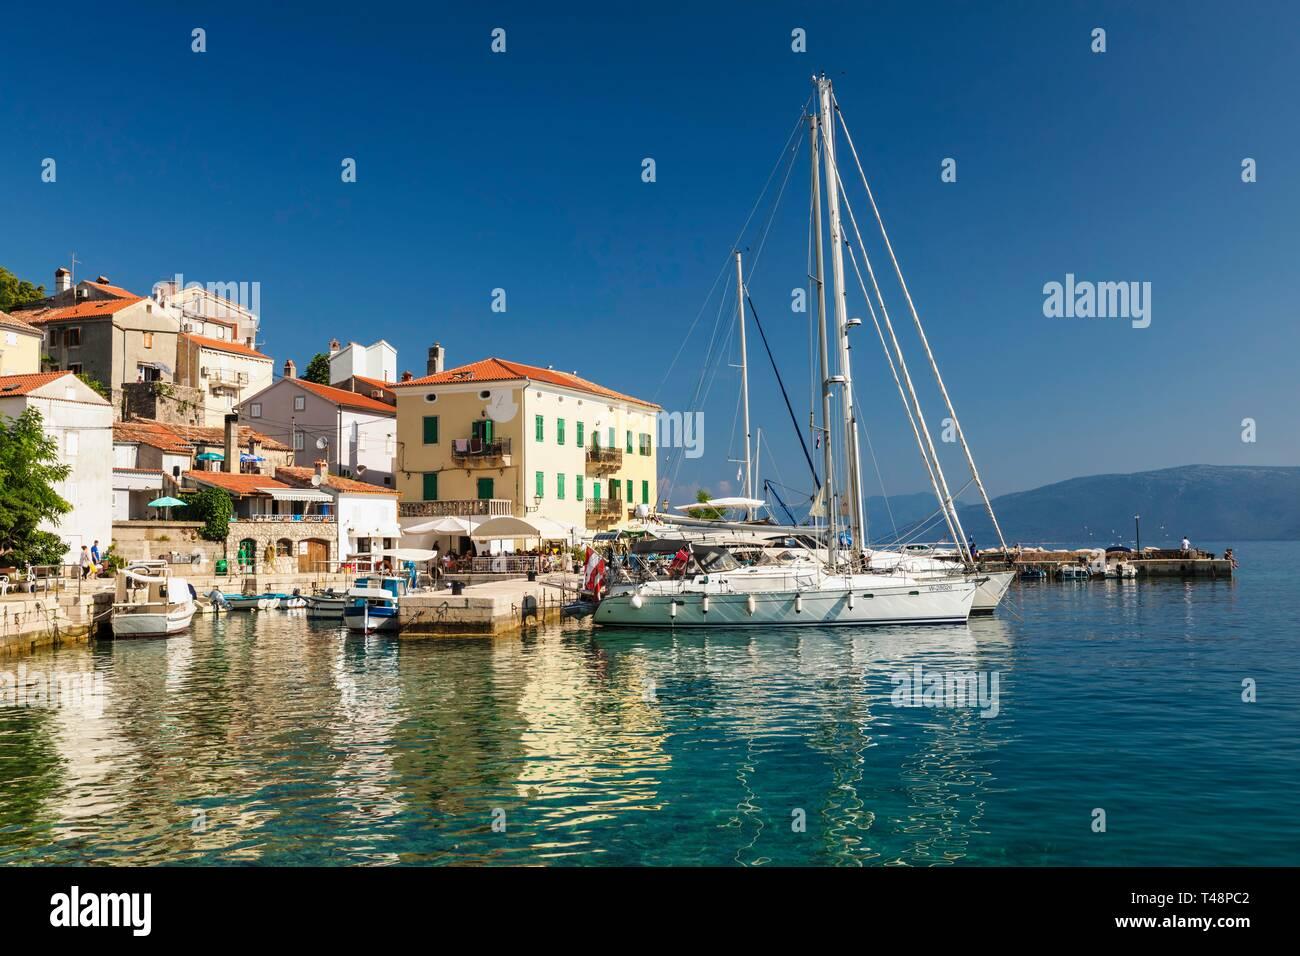 Kleines Fischerdorf mit Segelbooten, Cres, Insel Cres, Golf von Kvarner Bucht, Kroatien Stockfoto